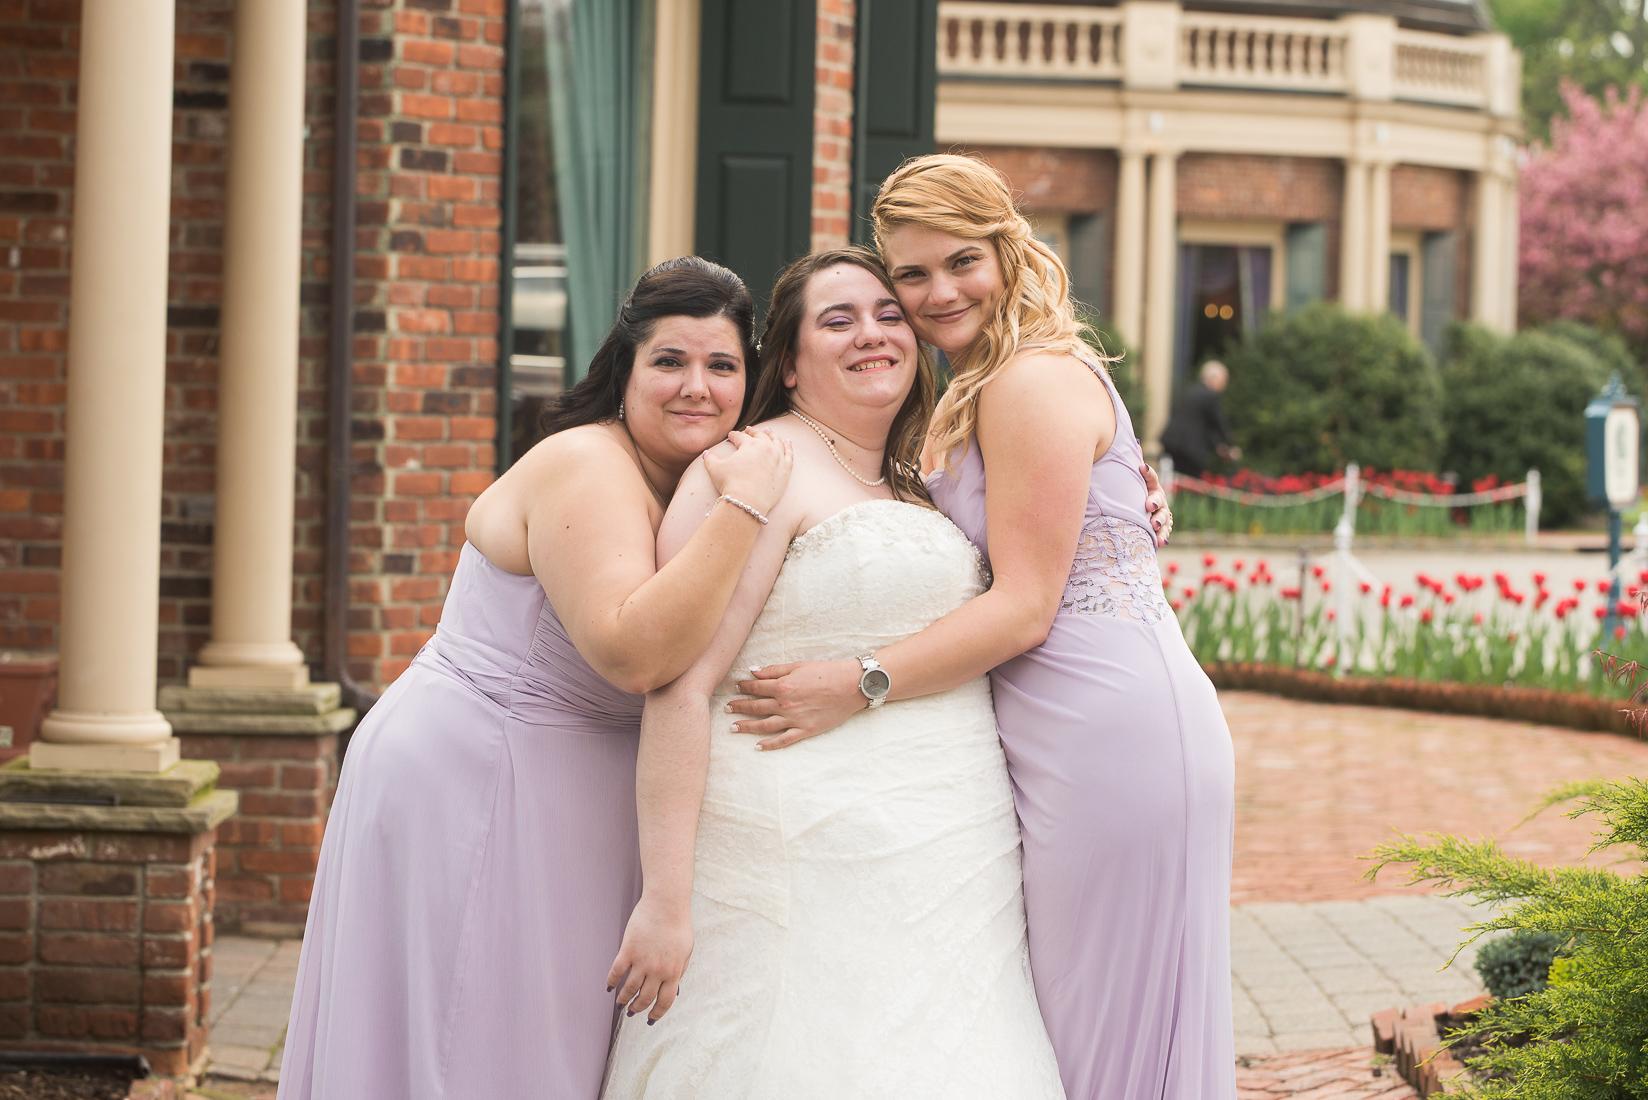 Manor-SouthOrange-NJ-wedding-0012.jpg